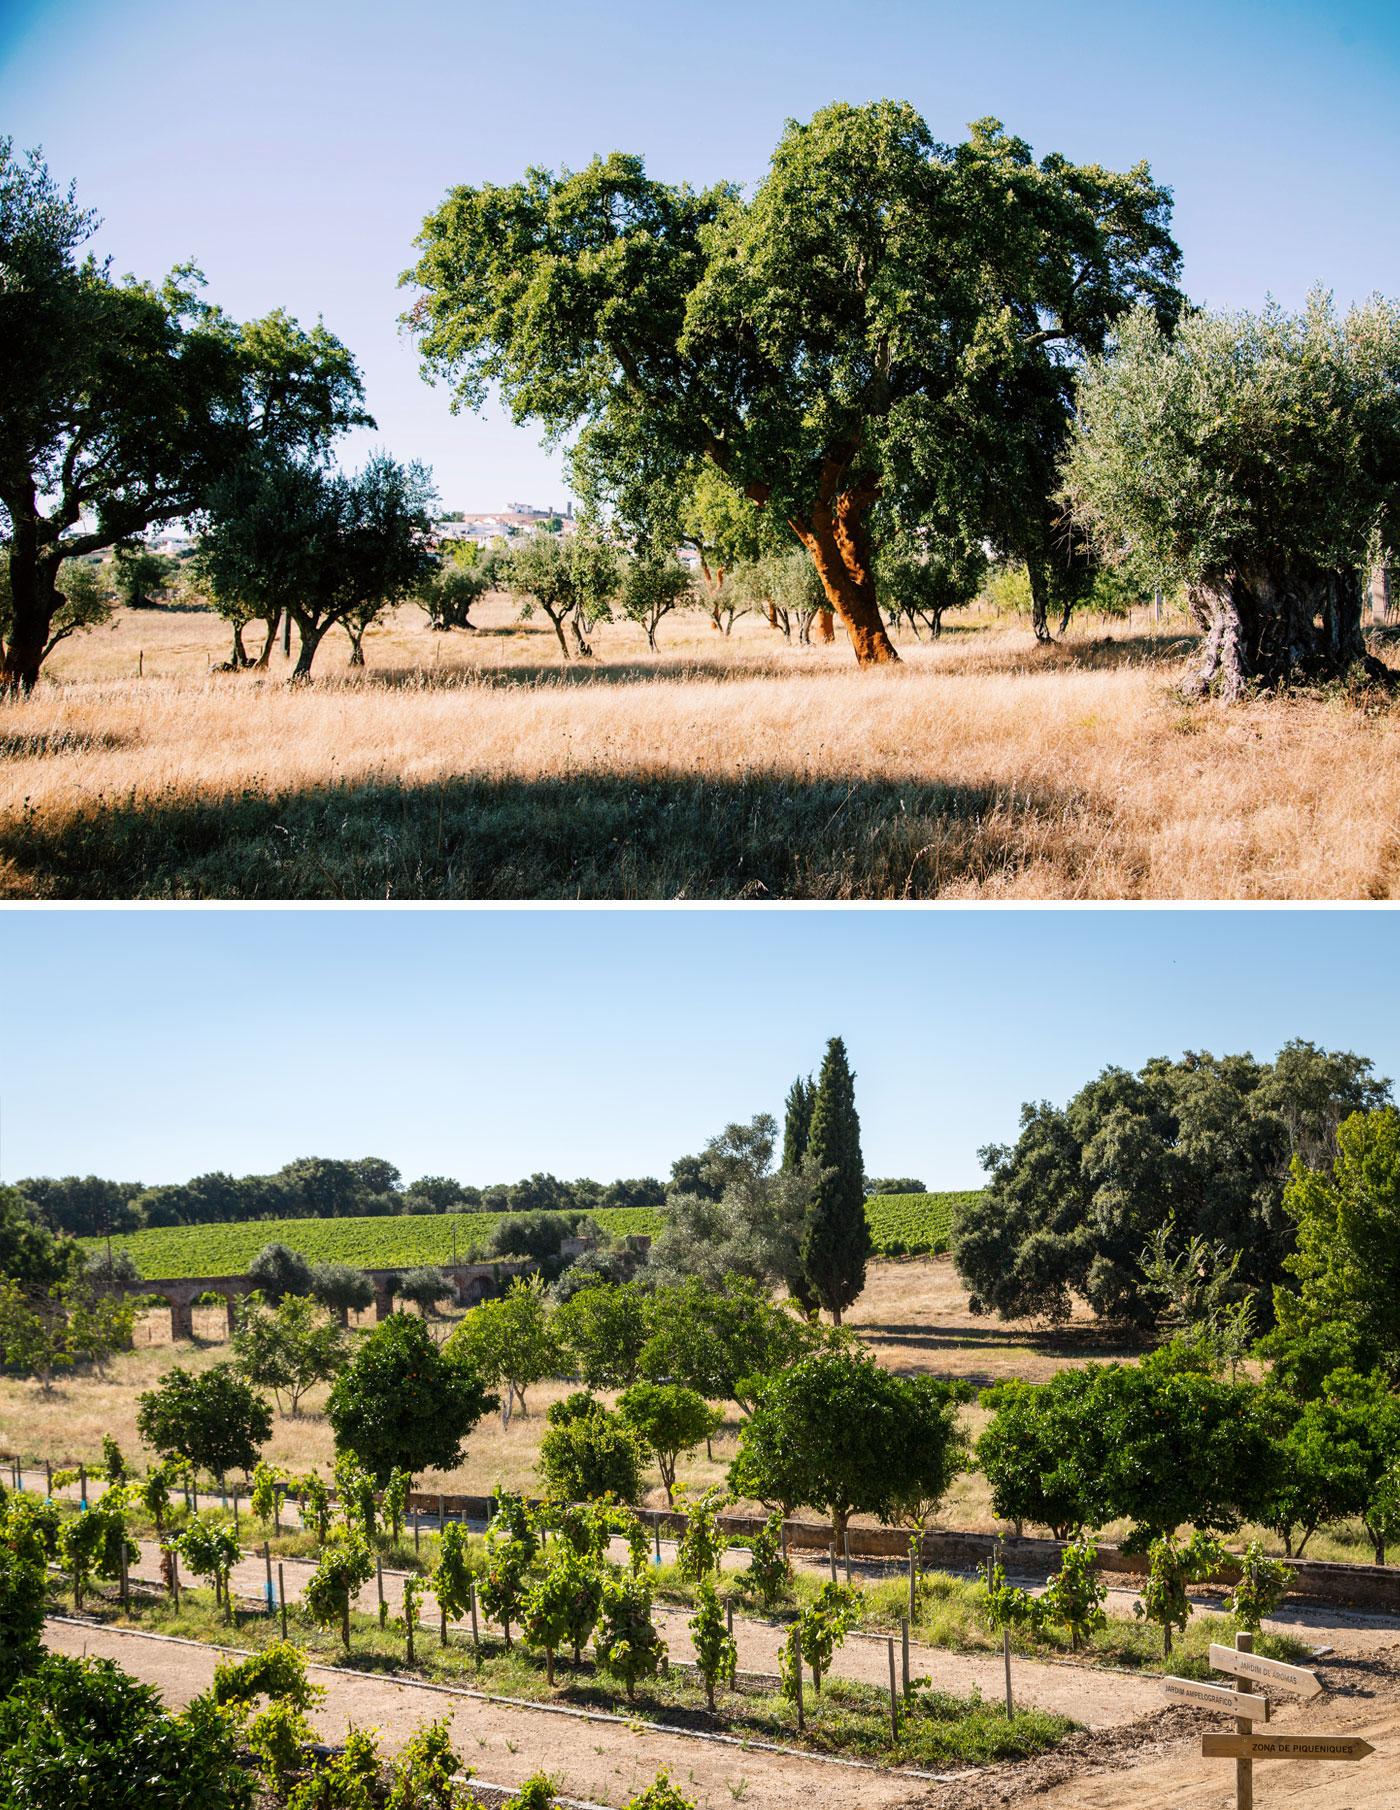 03_cork_vineyards_aug19_v2.jpg